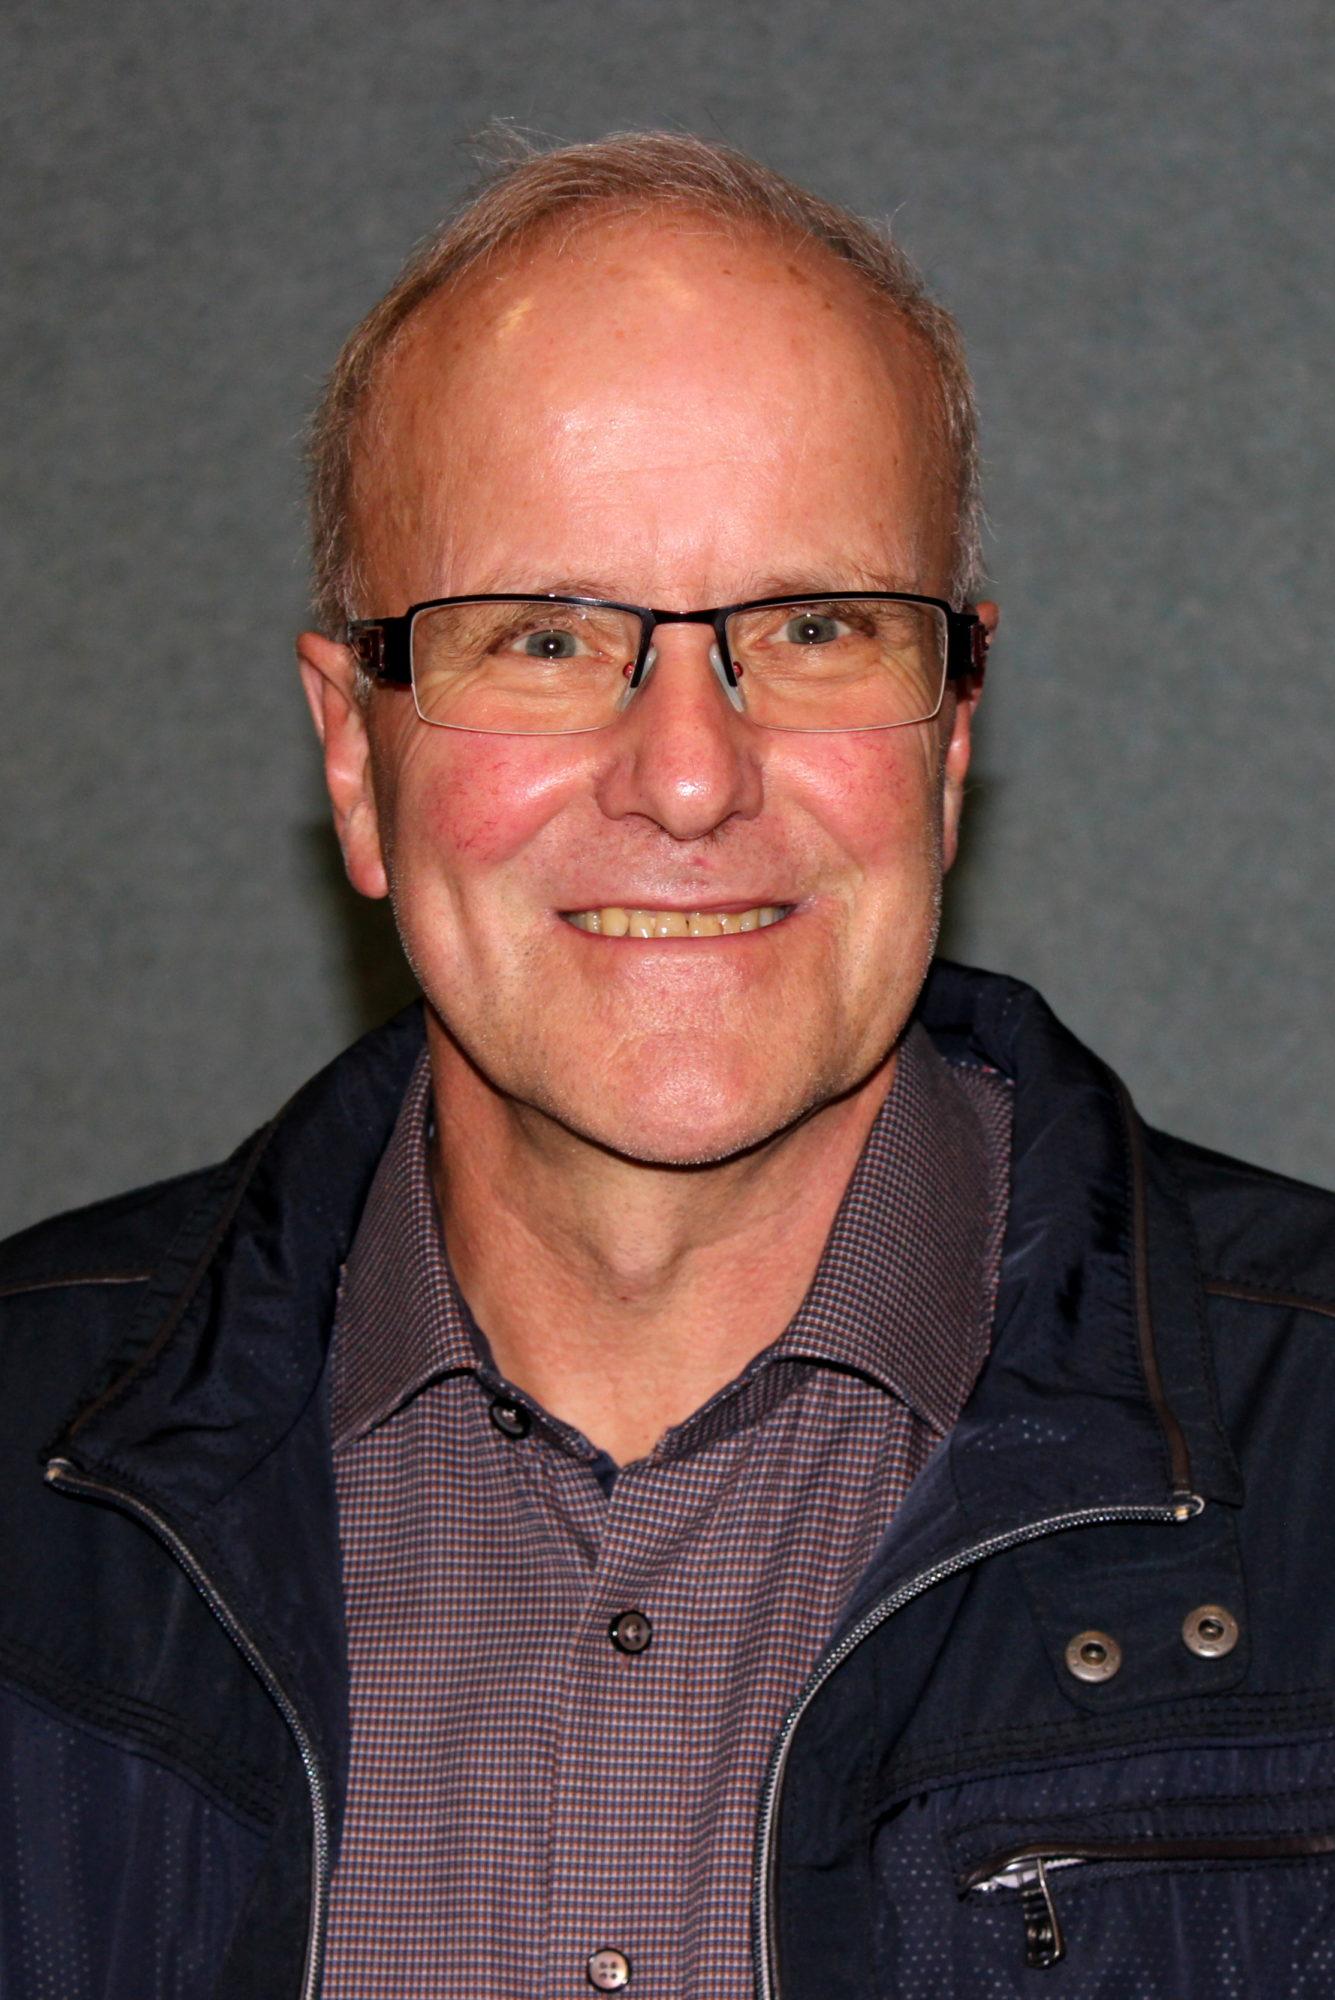 Wolfgang Öfele